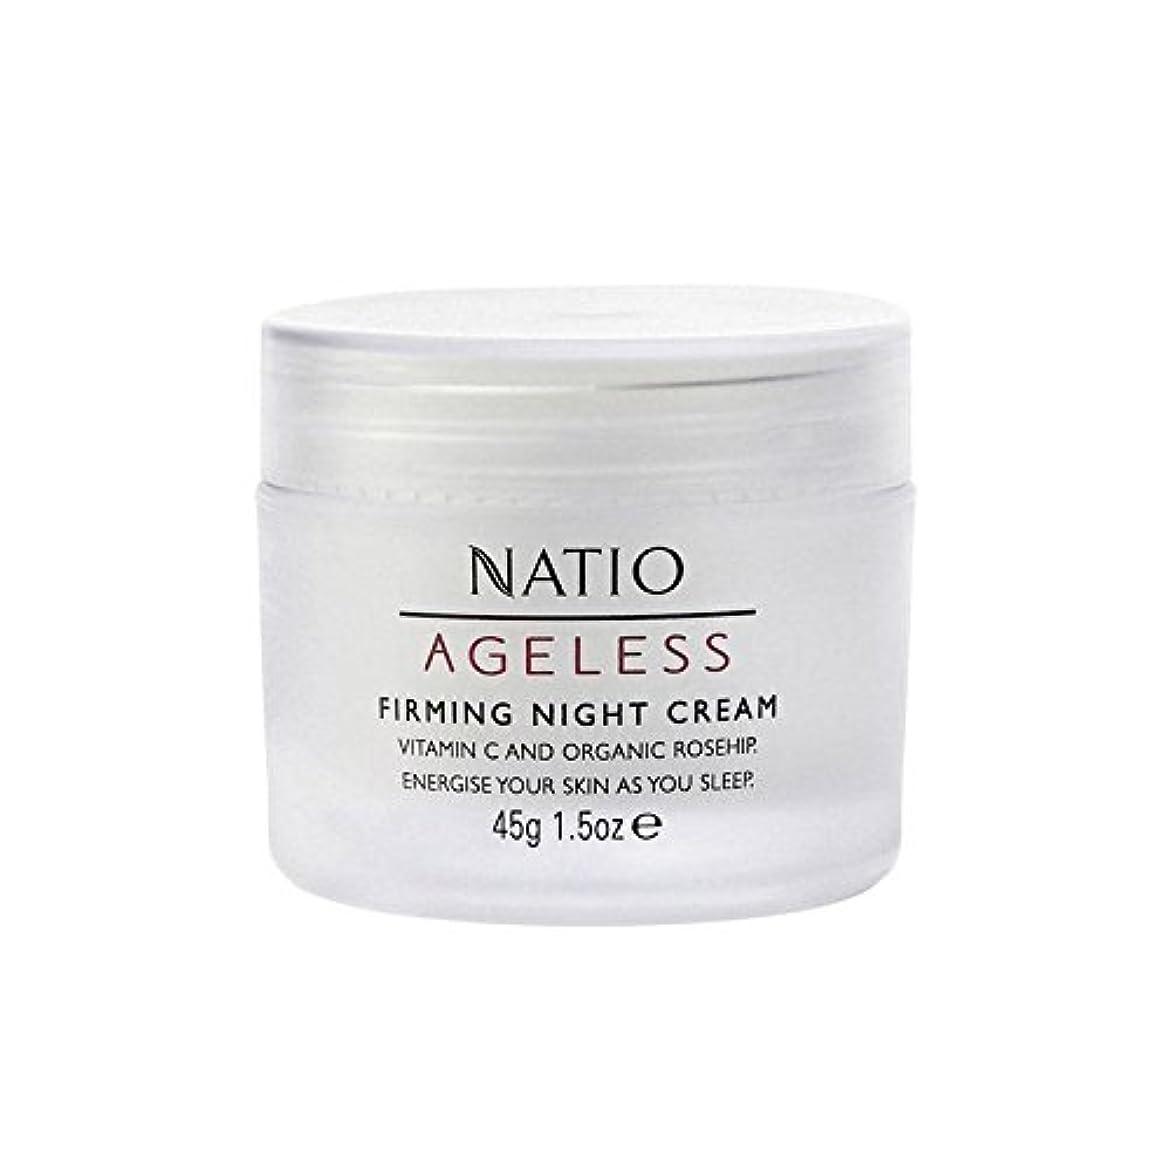 操る影響する信じるNatio Ageless Firming Night Cream (45G) - 永遠ファーミングナイトクリーム(45グラム) [並行輸入品]